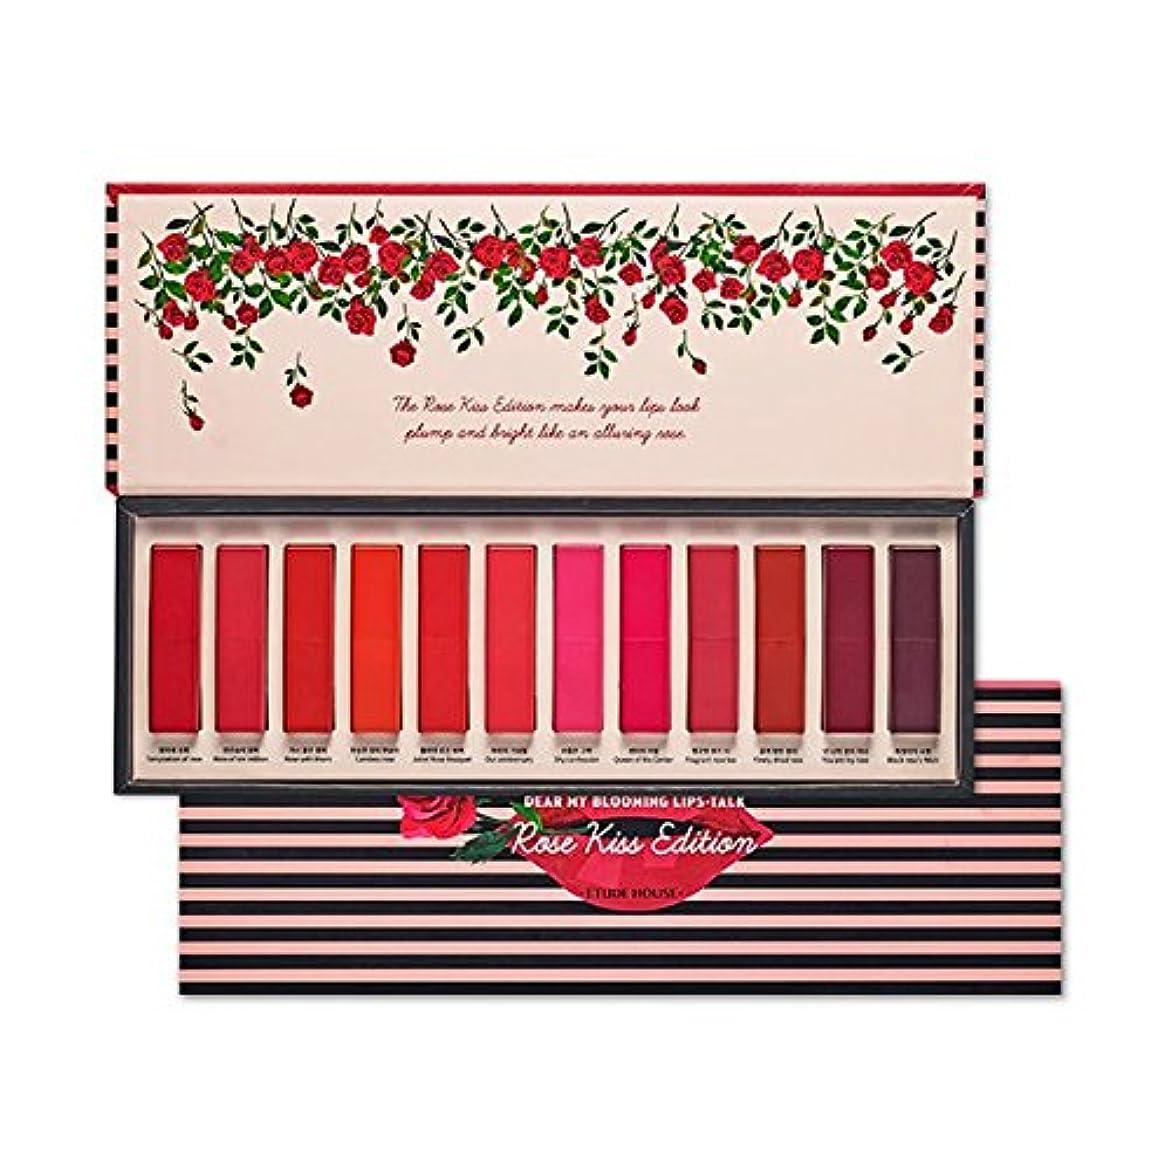 崇拝する締め切りシュート【限定版】 エチュードハウス ディアマイブルーミングリップストーク 「ローズキス エディション」/ETUDE HOUSE Dear My Blooming Lips-Talk Rose Kiss Edition 1.5g*12EA [並行輸入品]